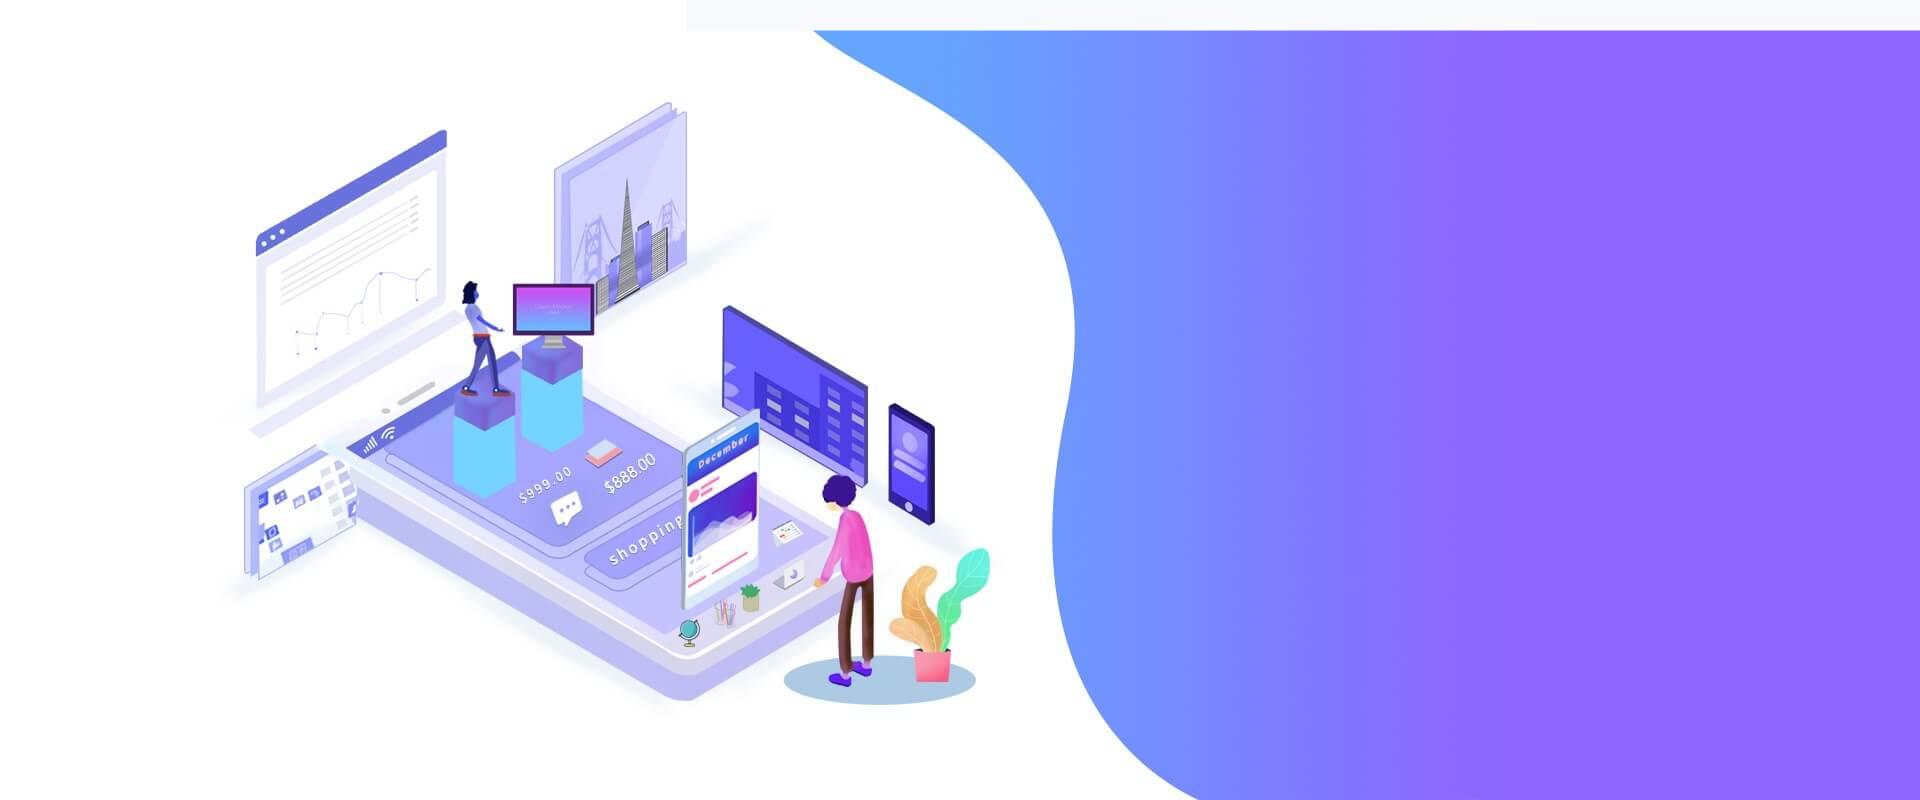 2019全新UI-APP分发系统源码,修复一些BUG还对接了码支付-八十九资源网